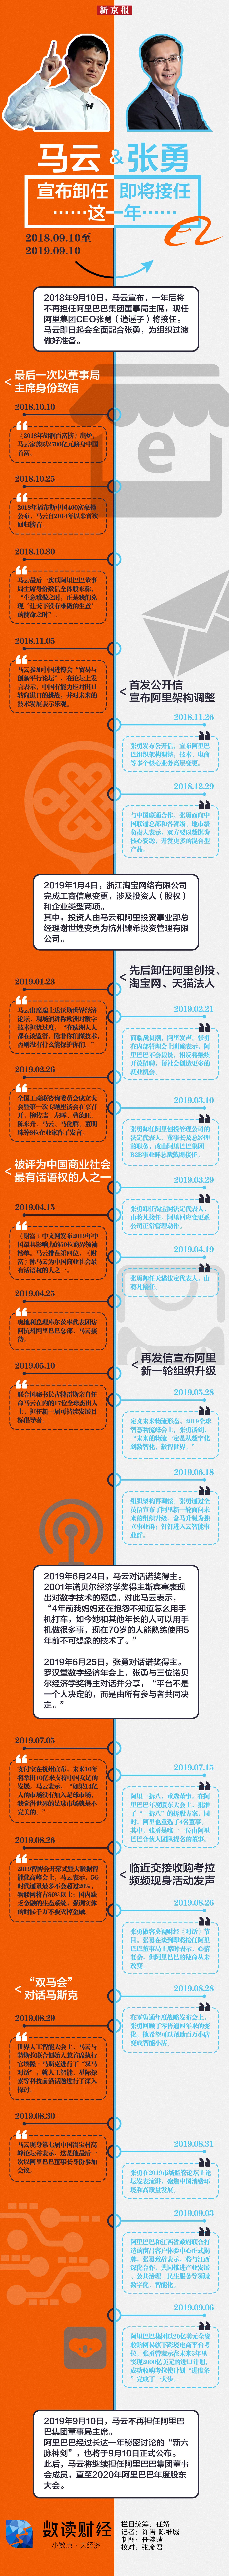 馬云&張勇 宣布卸任與即將接任的這一年